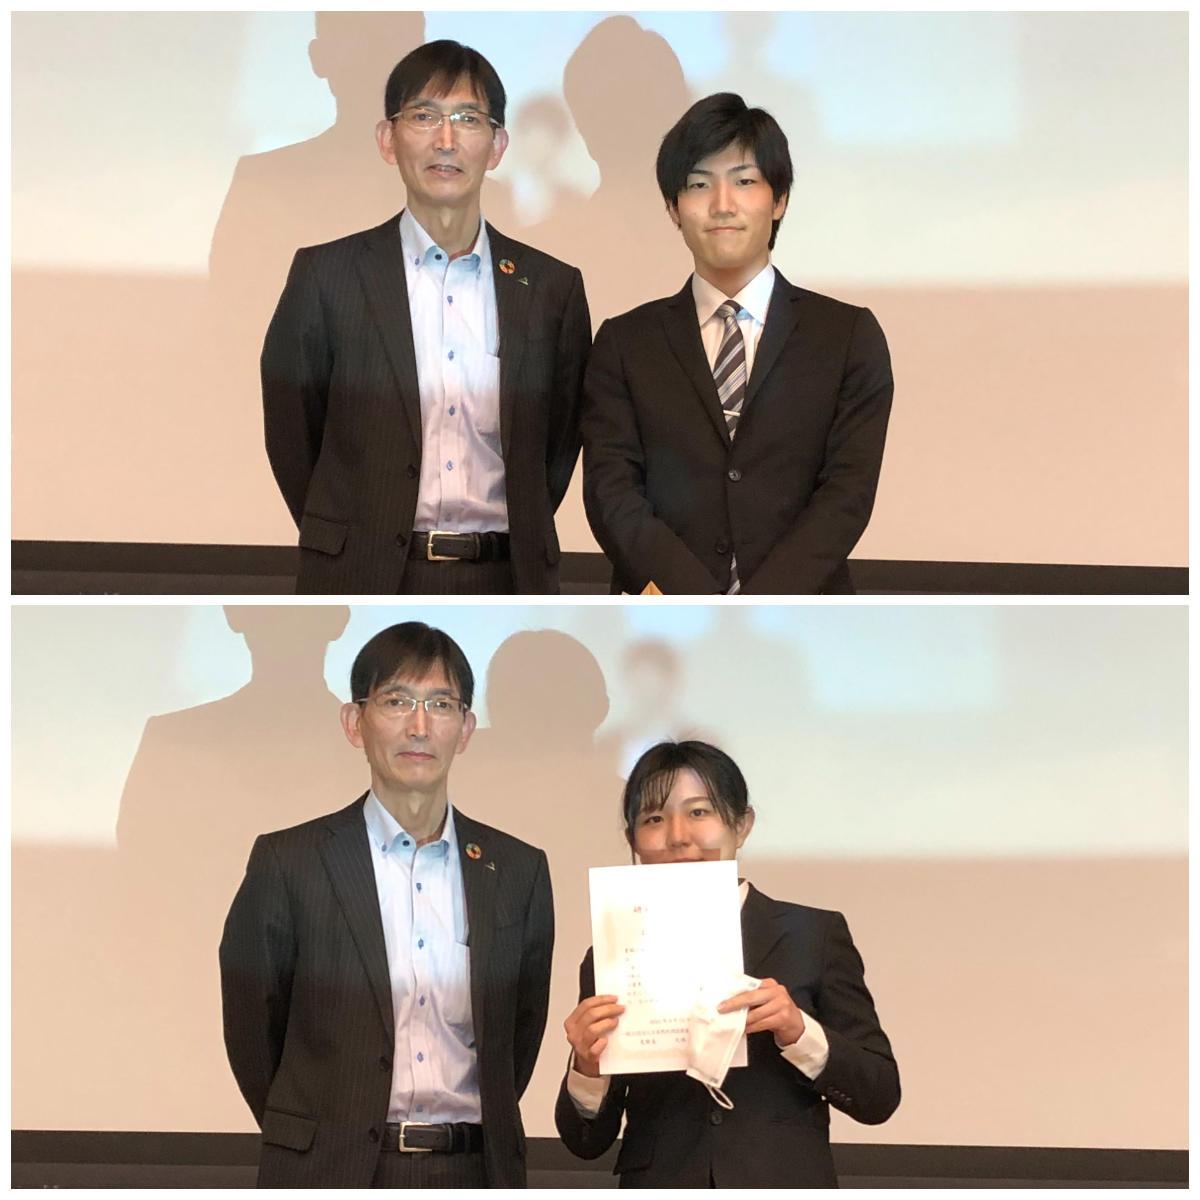 受賞した野田さん(上)と石橋さん(下)